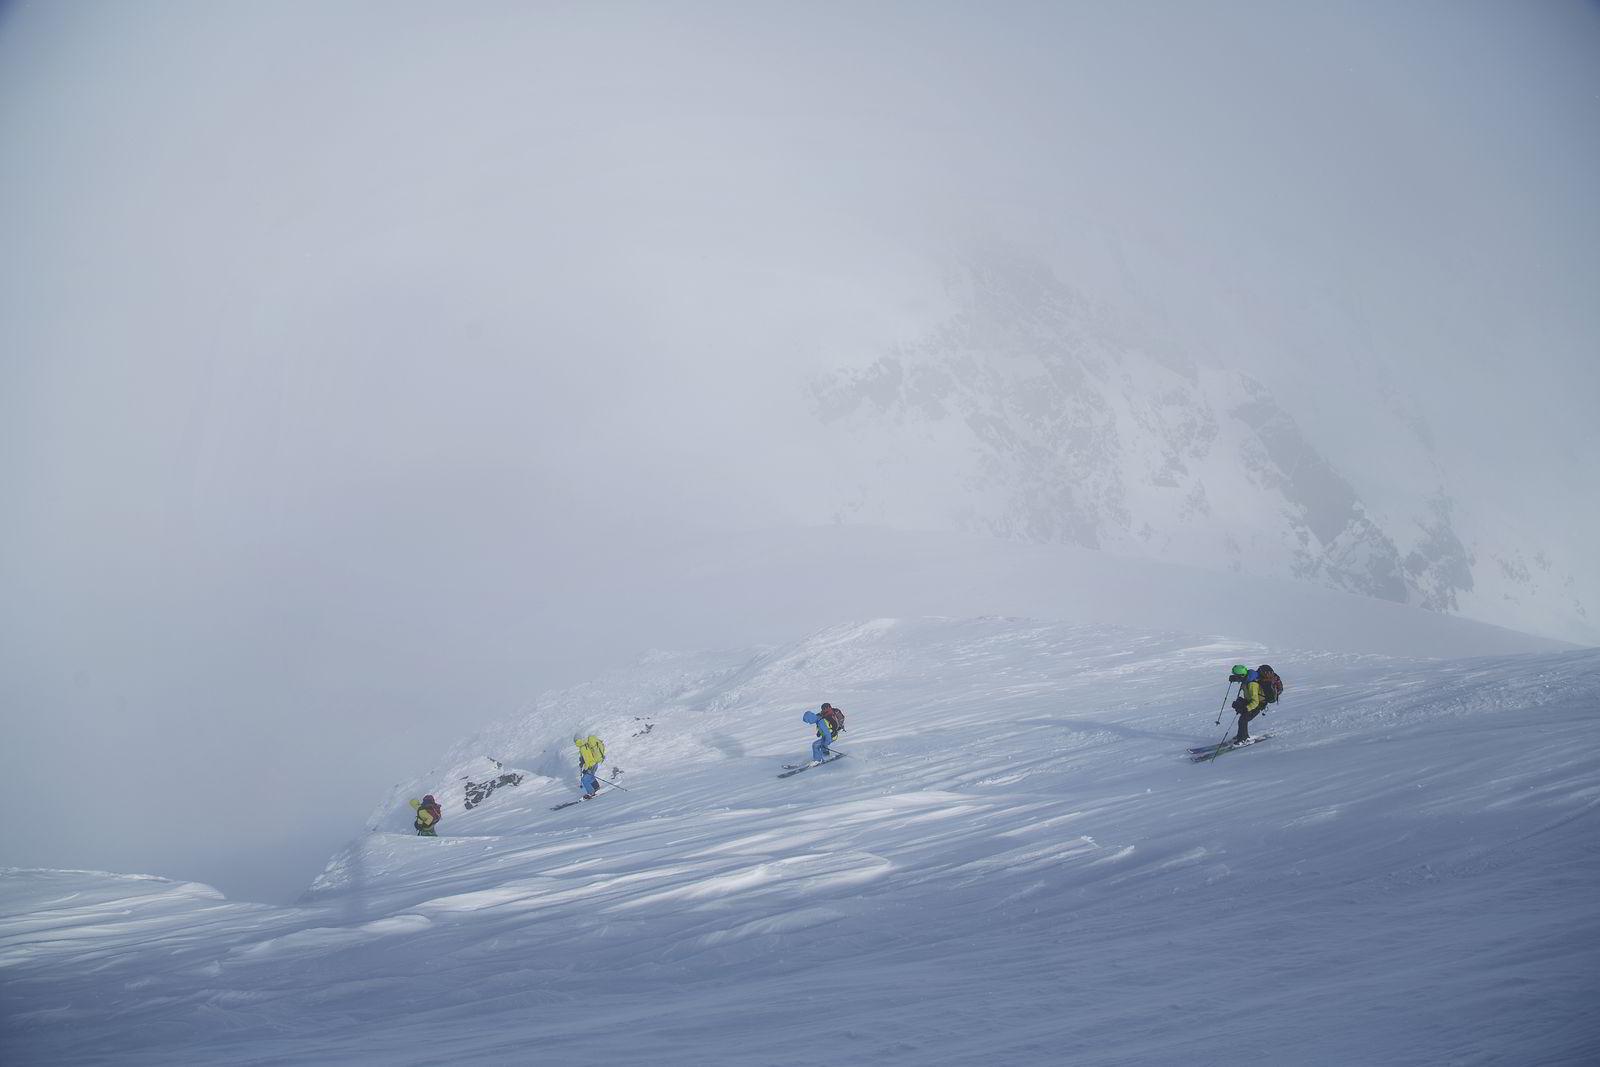 """Turens mest krevende nedkjøring kommer like etter toppen er nådd. For å være sikker på at du treffer den smale renna ned mot """"Salen"""", som skiller fjelltoppene Jiehkkevárri og Kveita, trenger du hjelp av en fjellguide. I tåkehavet på 1540 meters høyde er det livsfarlig å havne utenfor et stup eller i en bresprekk."""